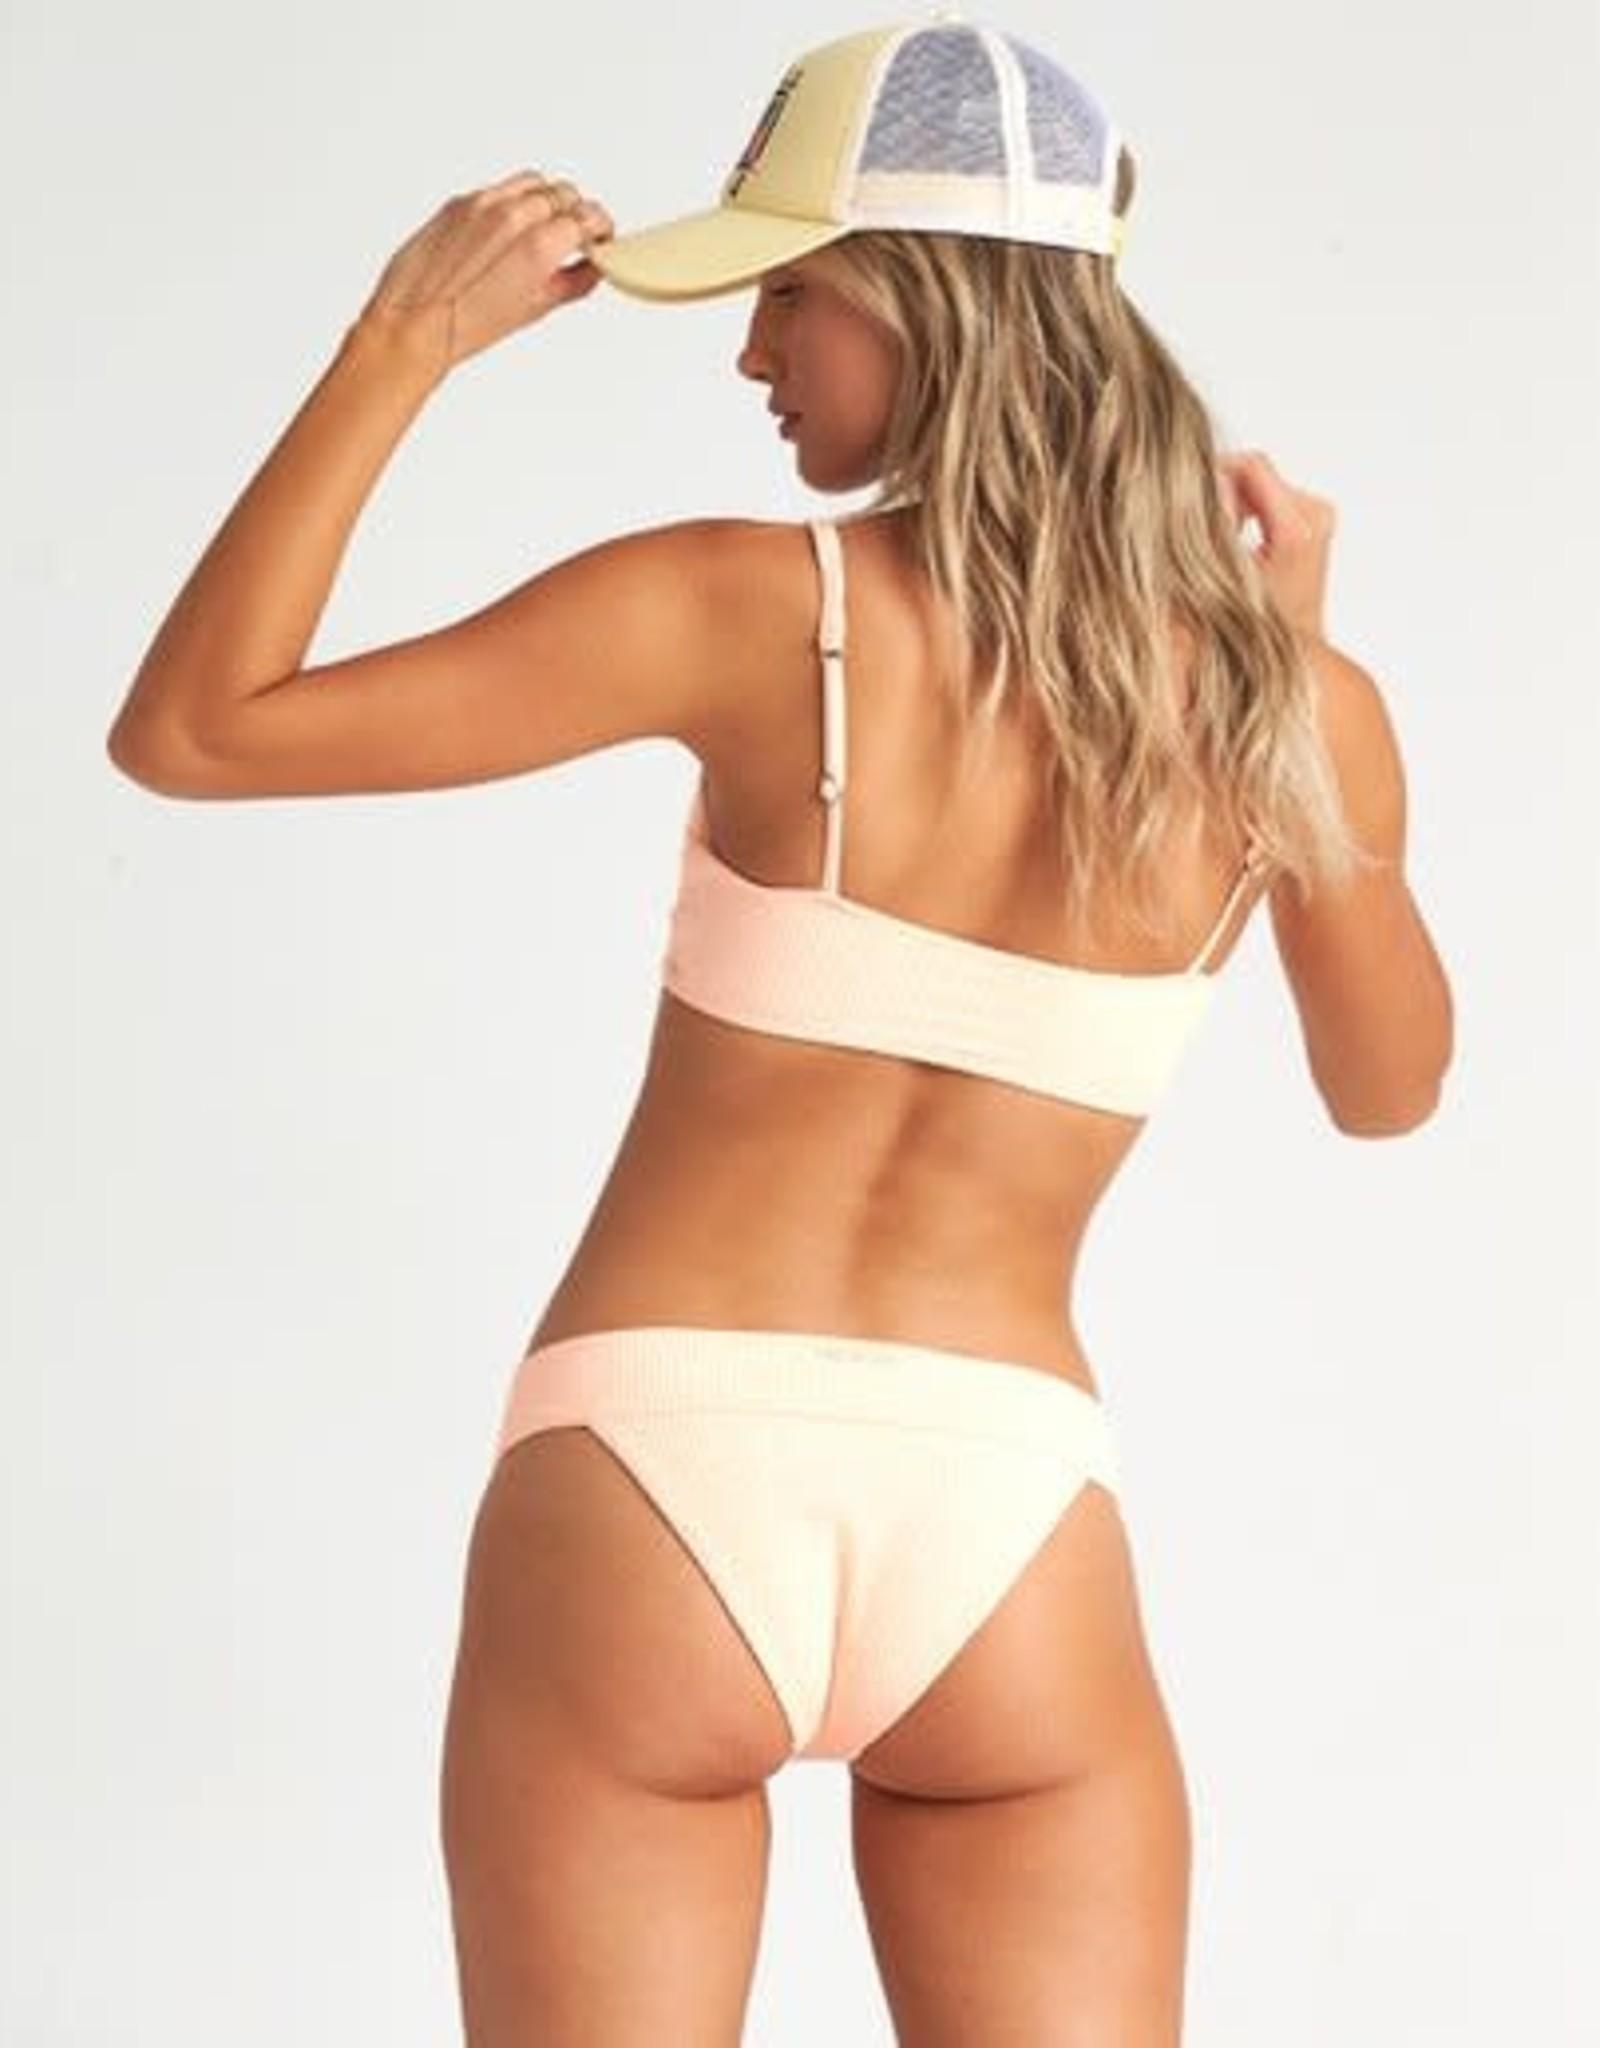 BILLABONG Under the Sun Tropic Bikini Bottom